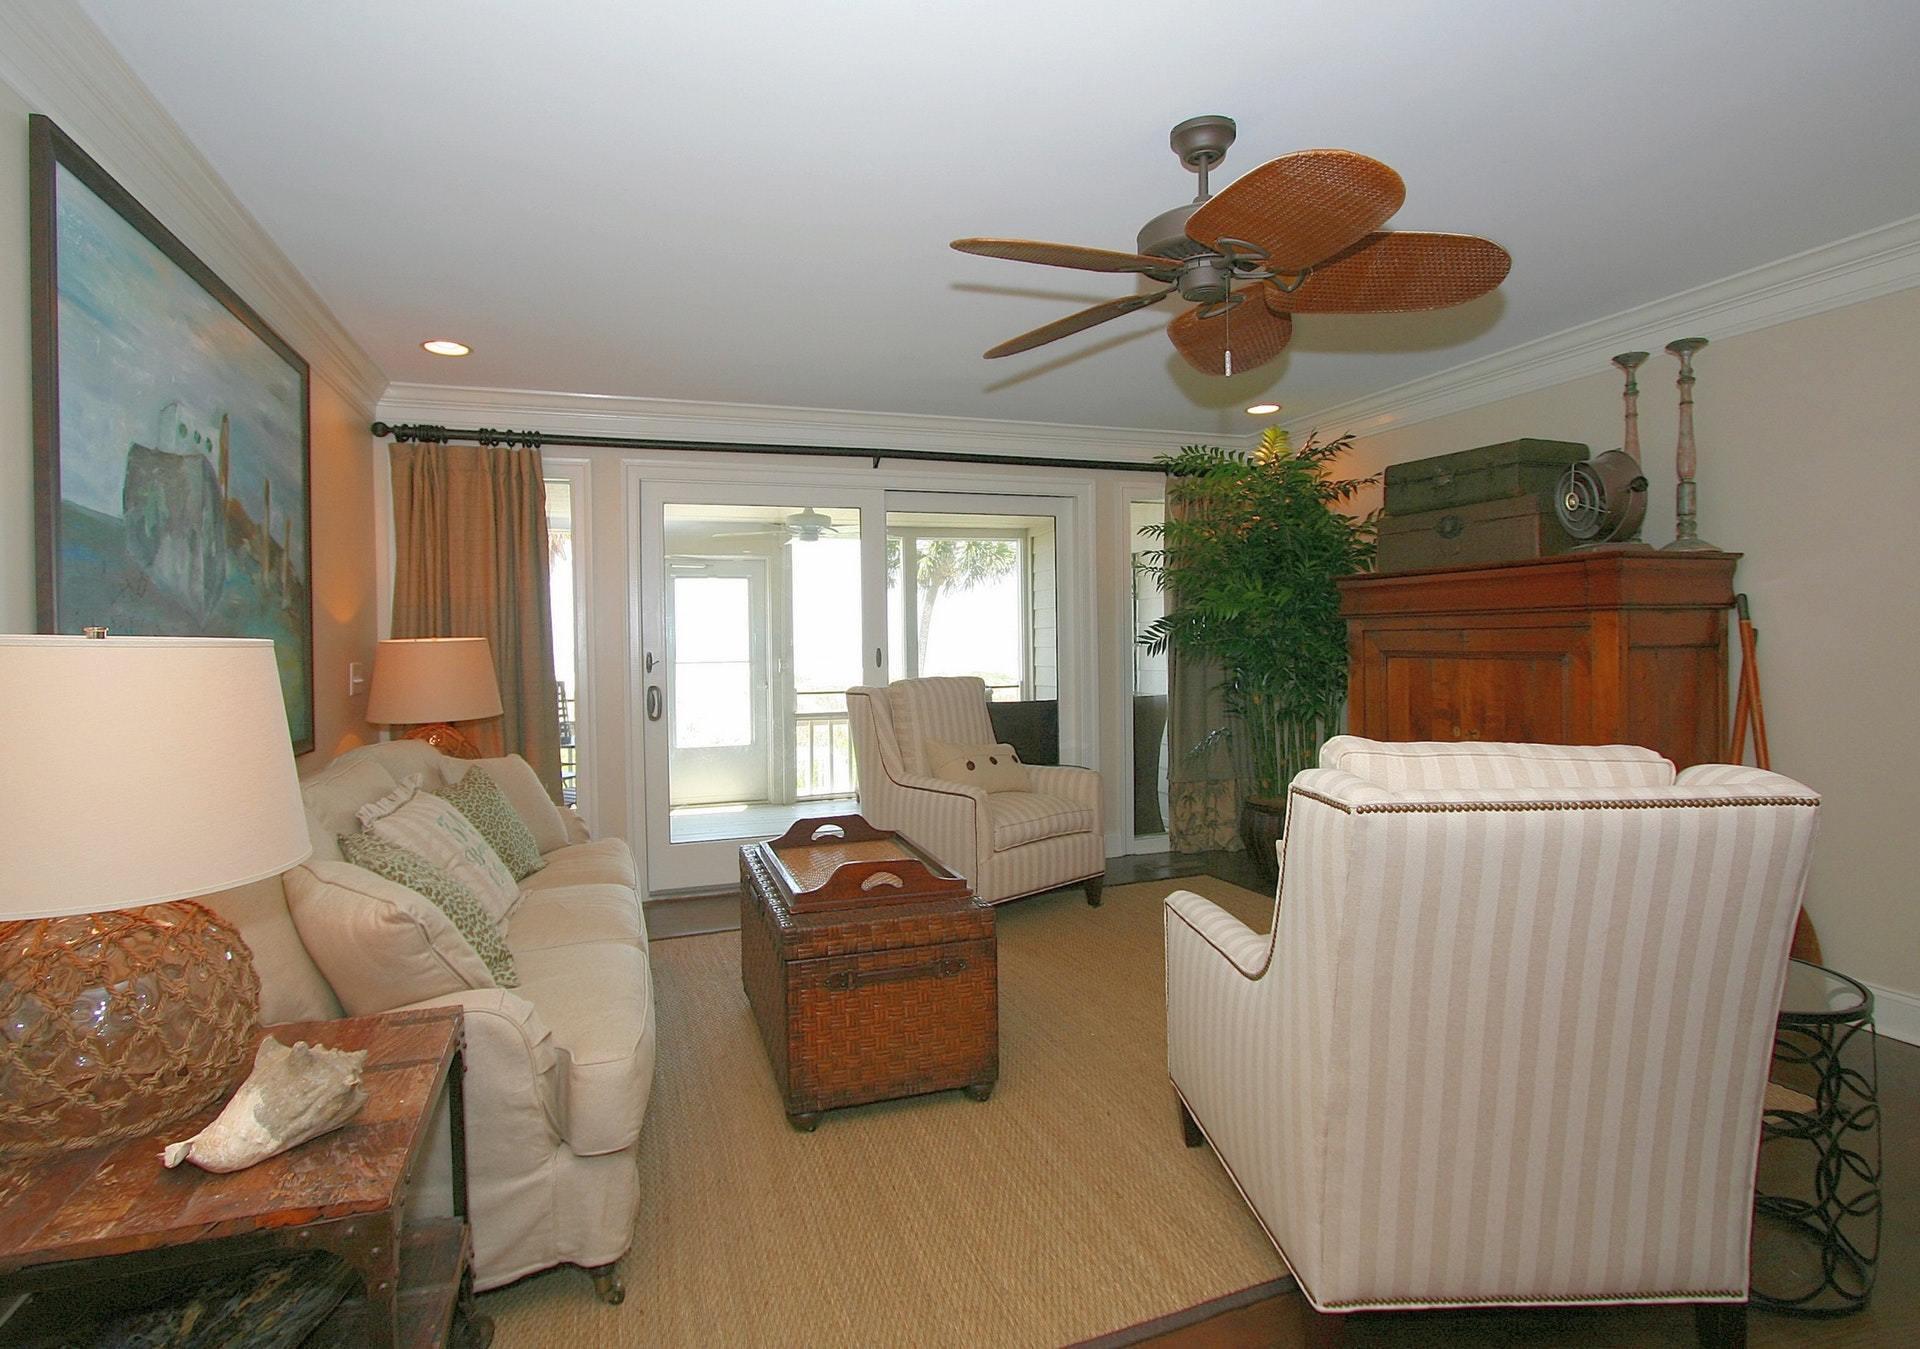 Beach Club Villas Homes For Sale - 34 Beach Club Villas, Isle of Palms, SC - 0